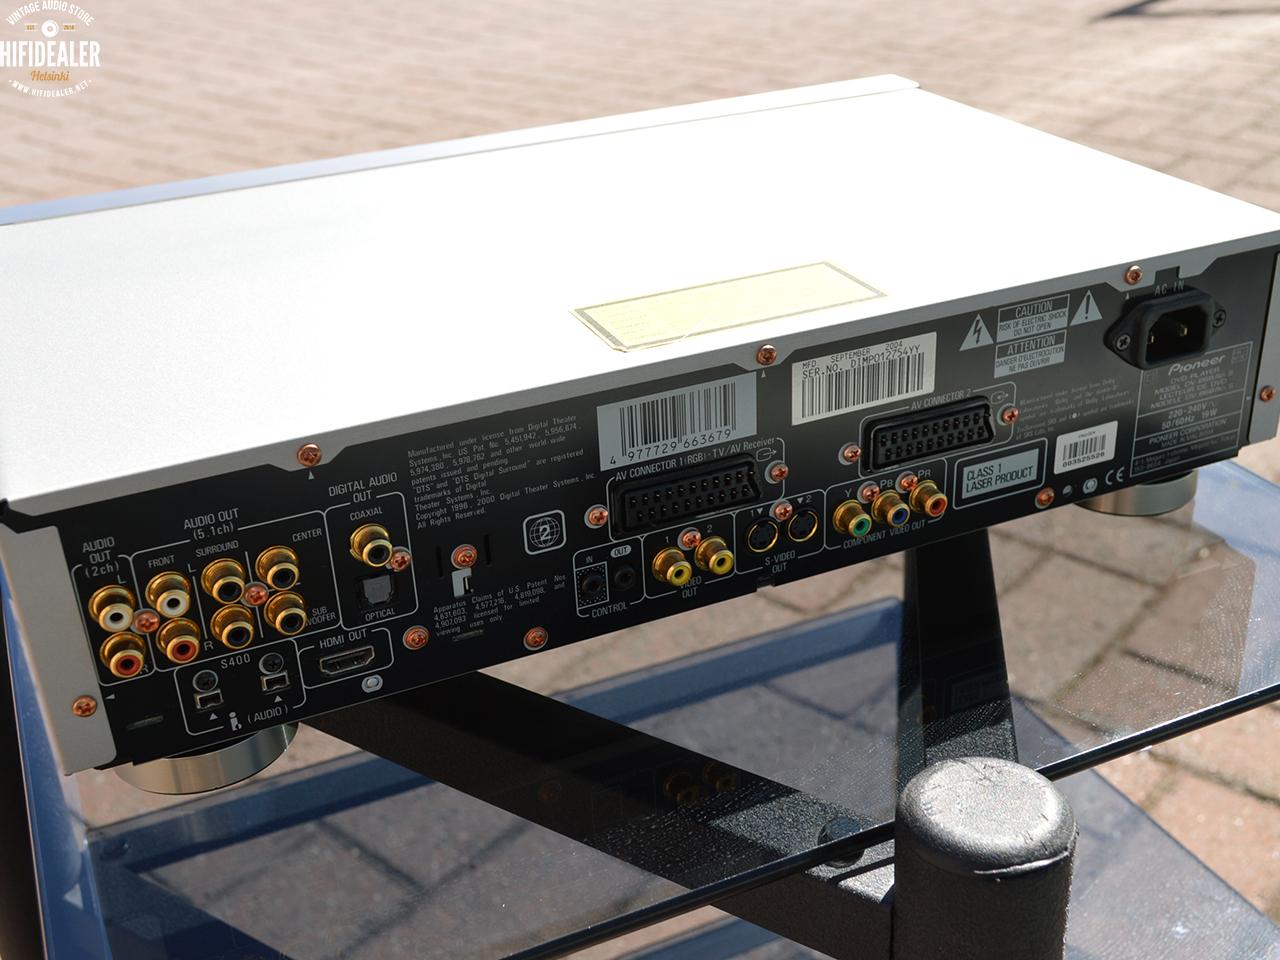 pioneer-dv-868avi-3